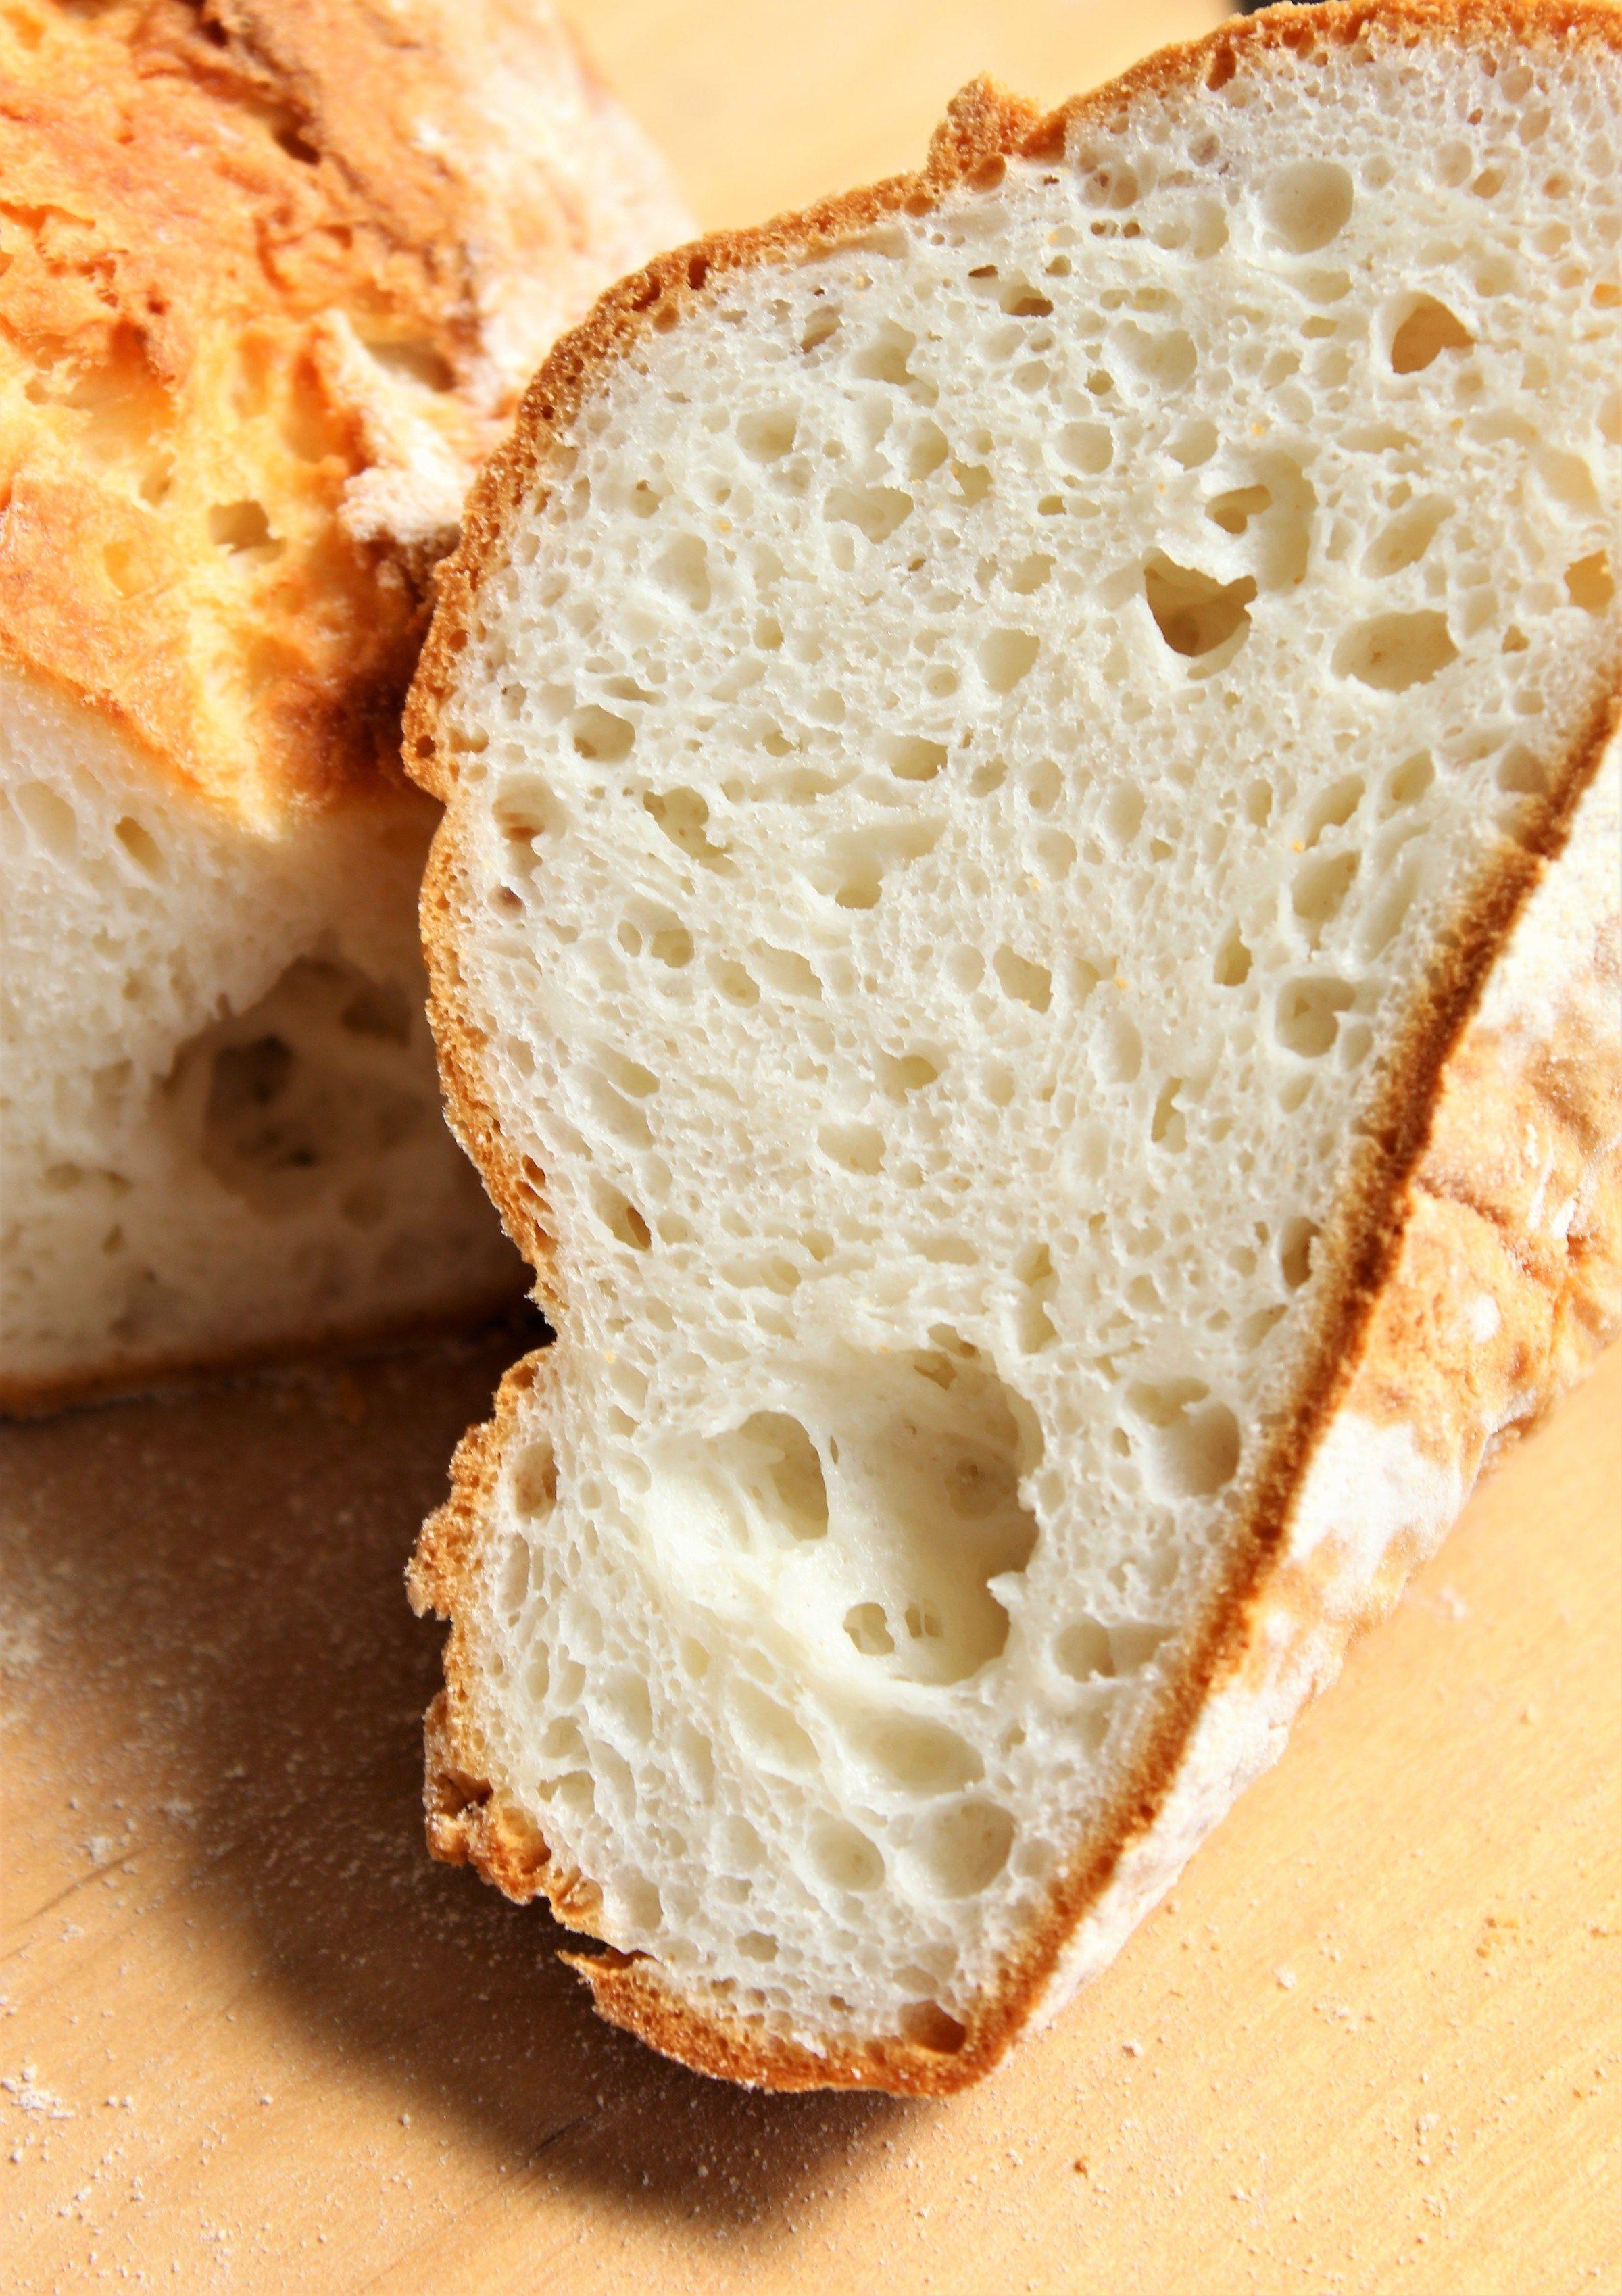 Fabulous Gluten Free Italian Bread Let Them Eat Gluten Free Cake Recipe Gluten Free Italian Gluten Free Italian Bread Best Gluten Free Bread